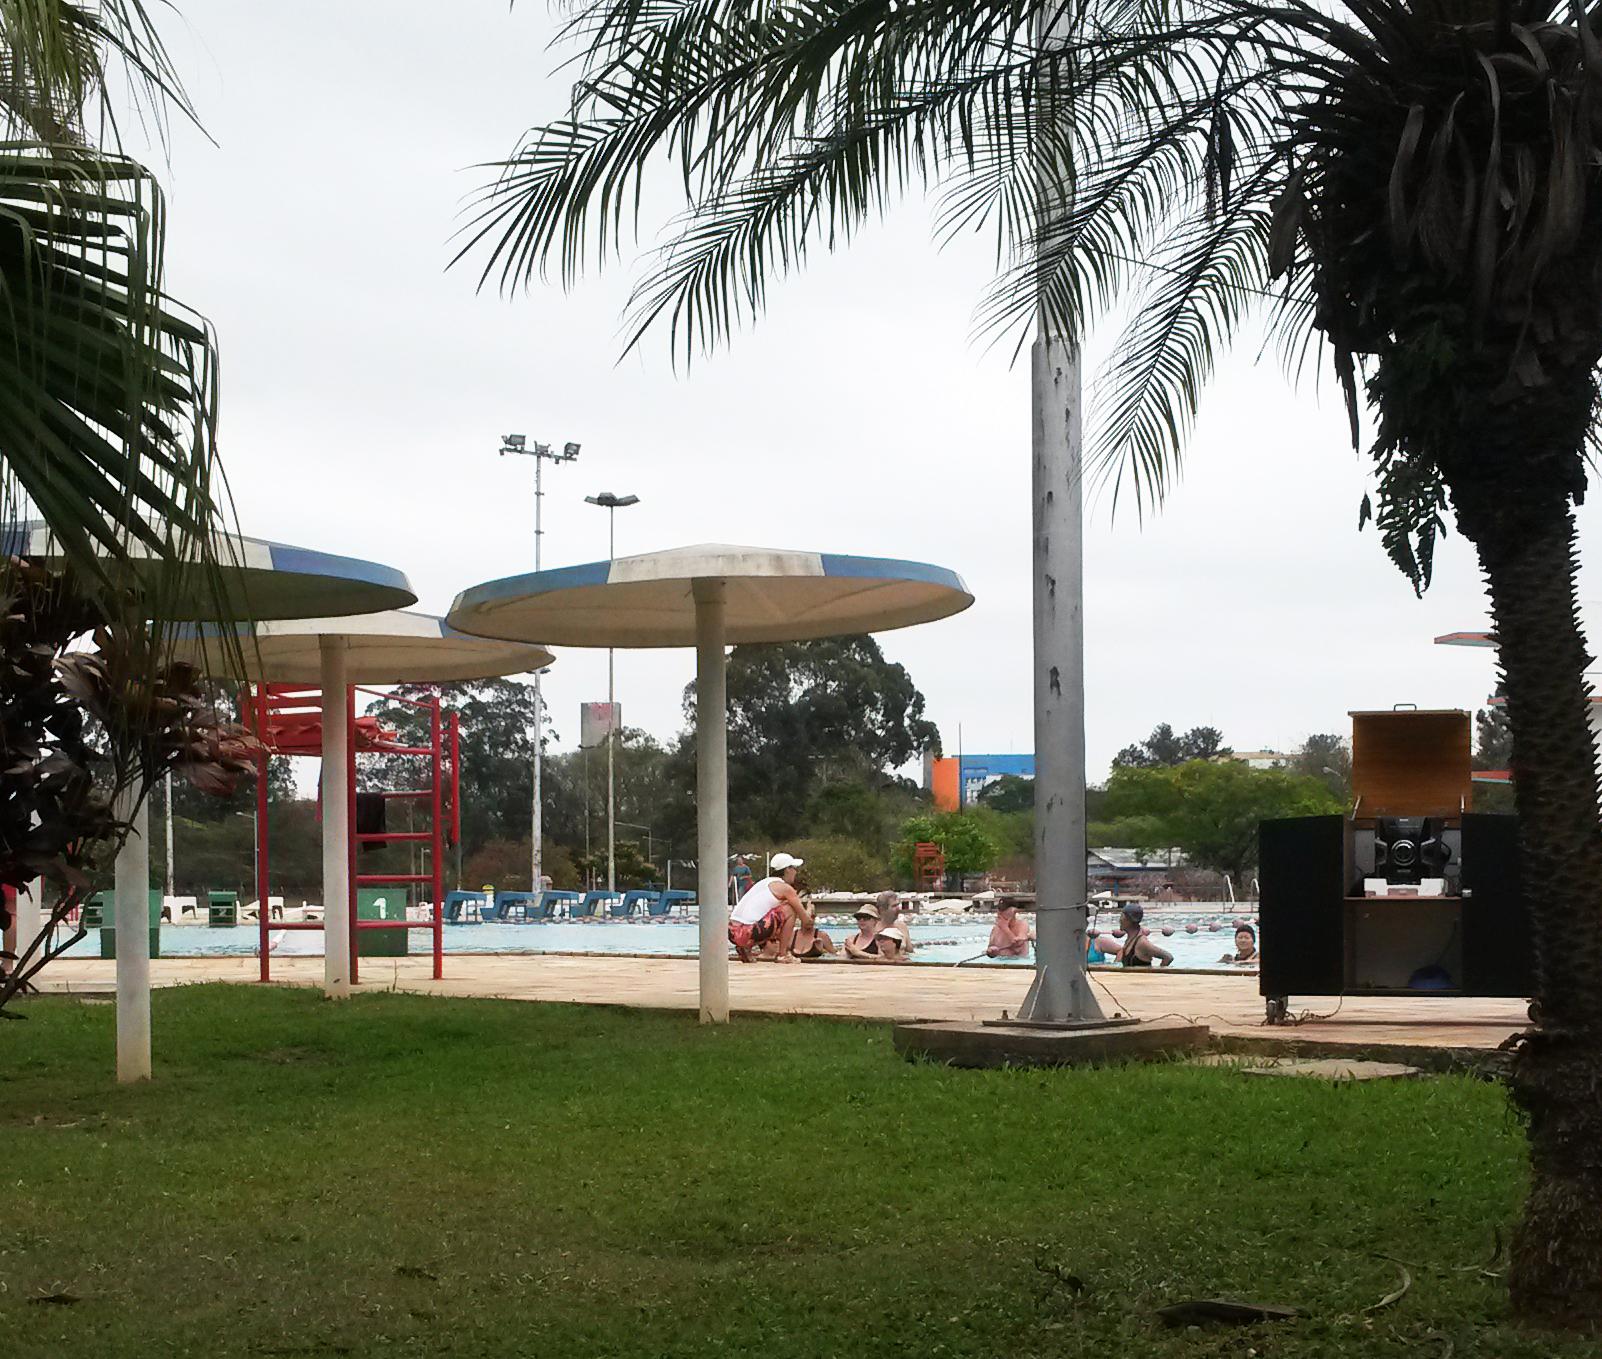 O Centro de Práticas Esportivas da USP voltou a funcionar (Foto: Victoria Salemi)